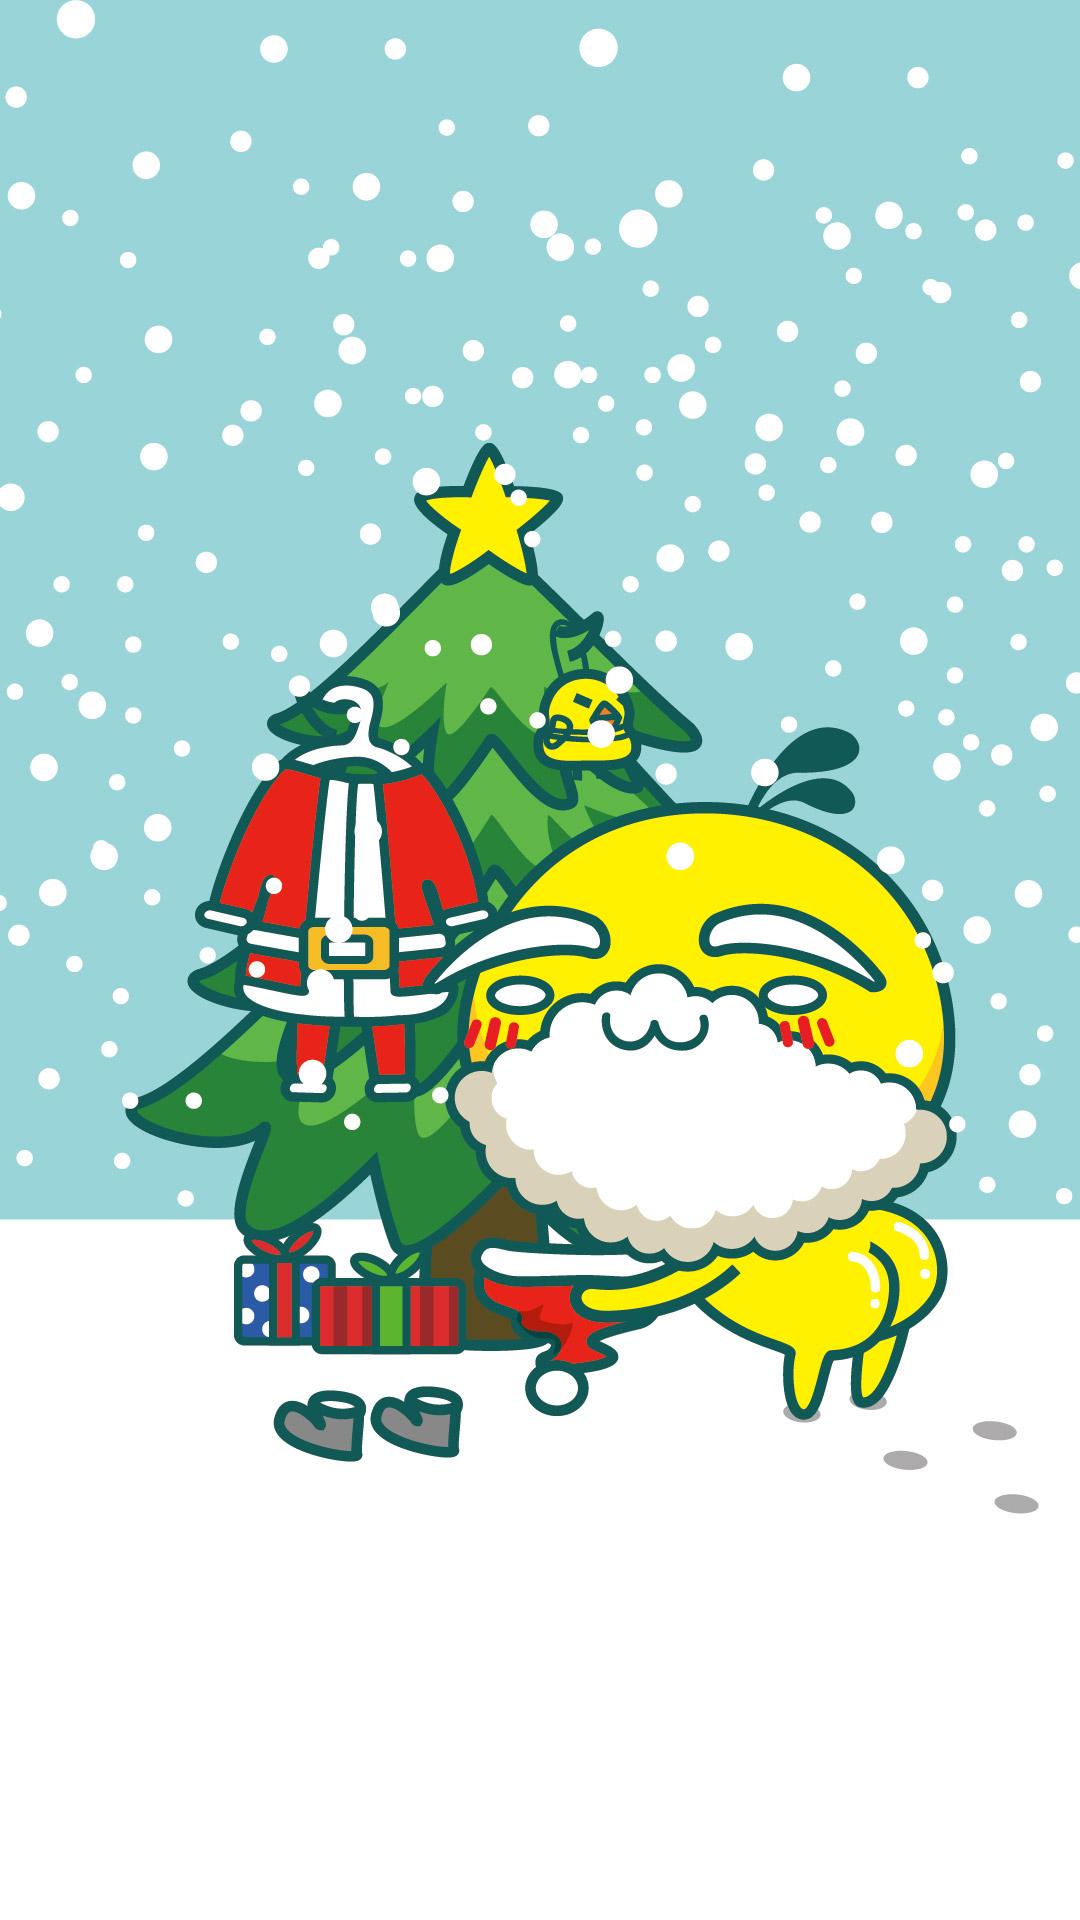 油爆叽丁圣诞风系手机壁纸